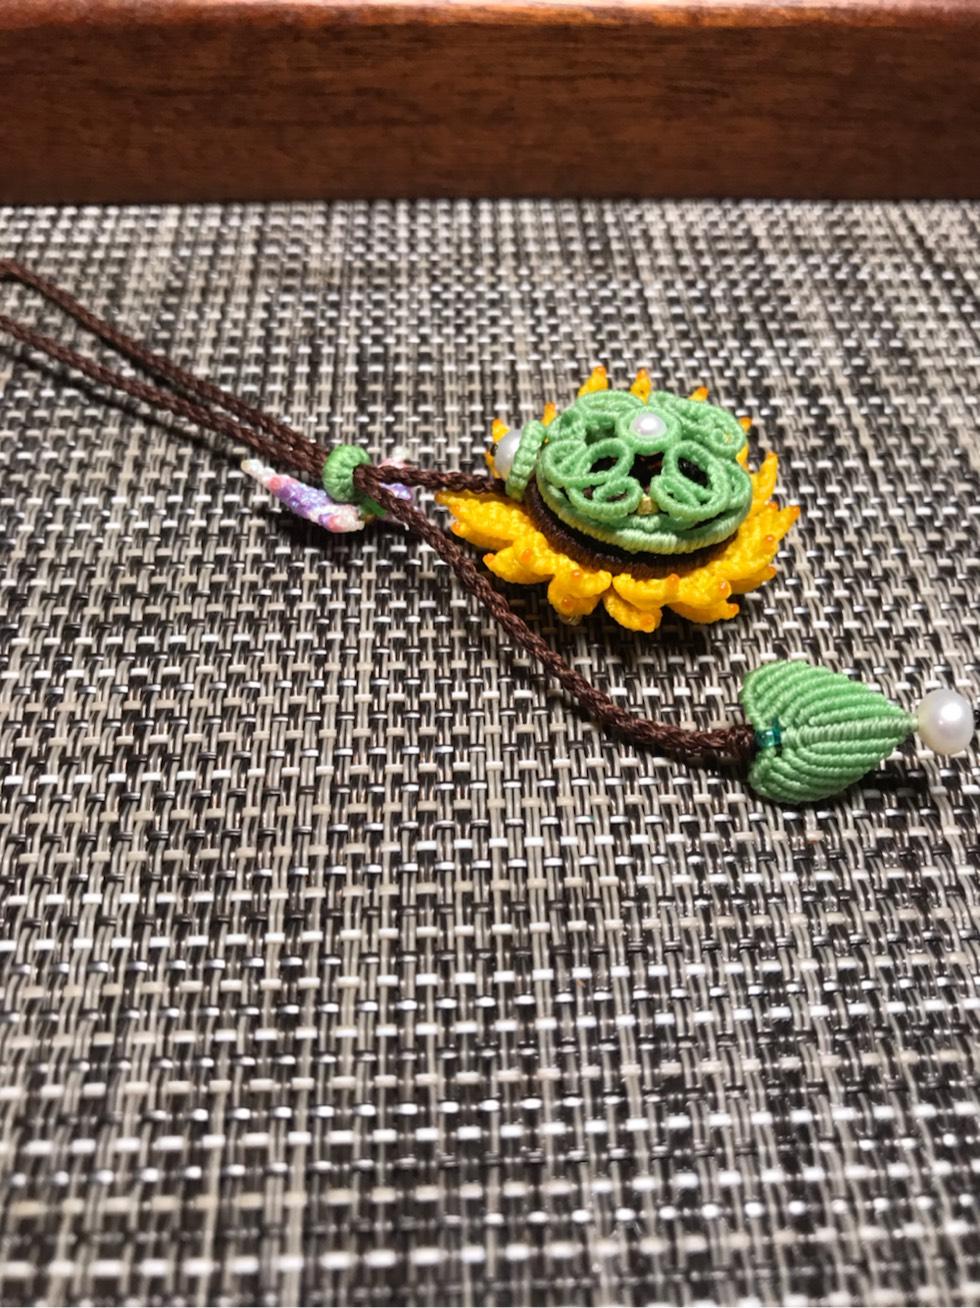 中国结论坛 向日葵香盒 观赏向日葵,放香和,向日葵花,向日葵怎么养 作品展示 092457rmwlgul2jq2ml2mm